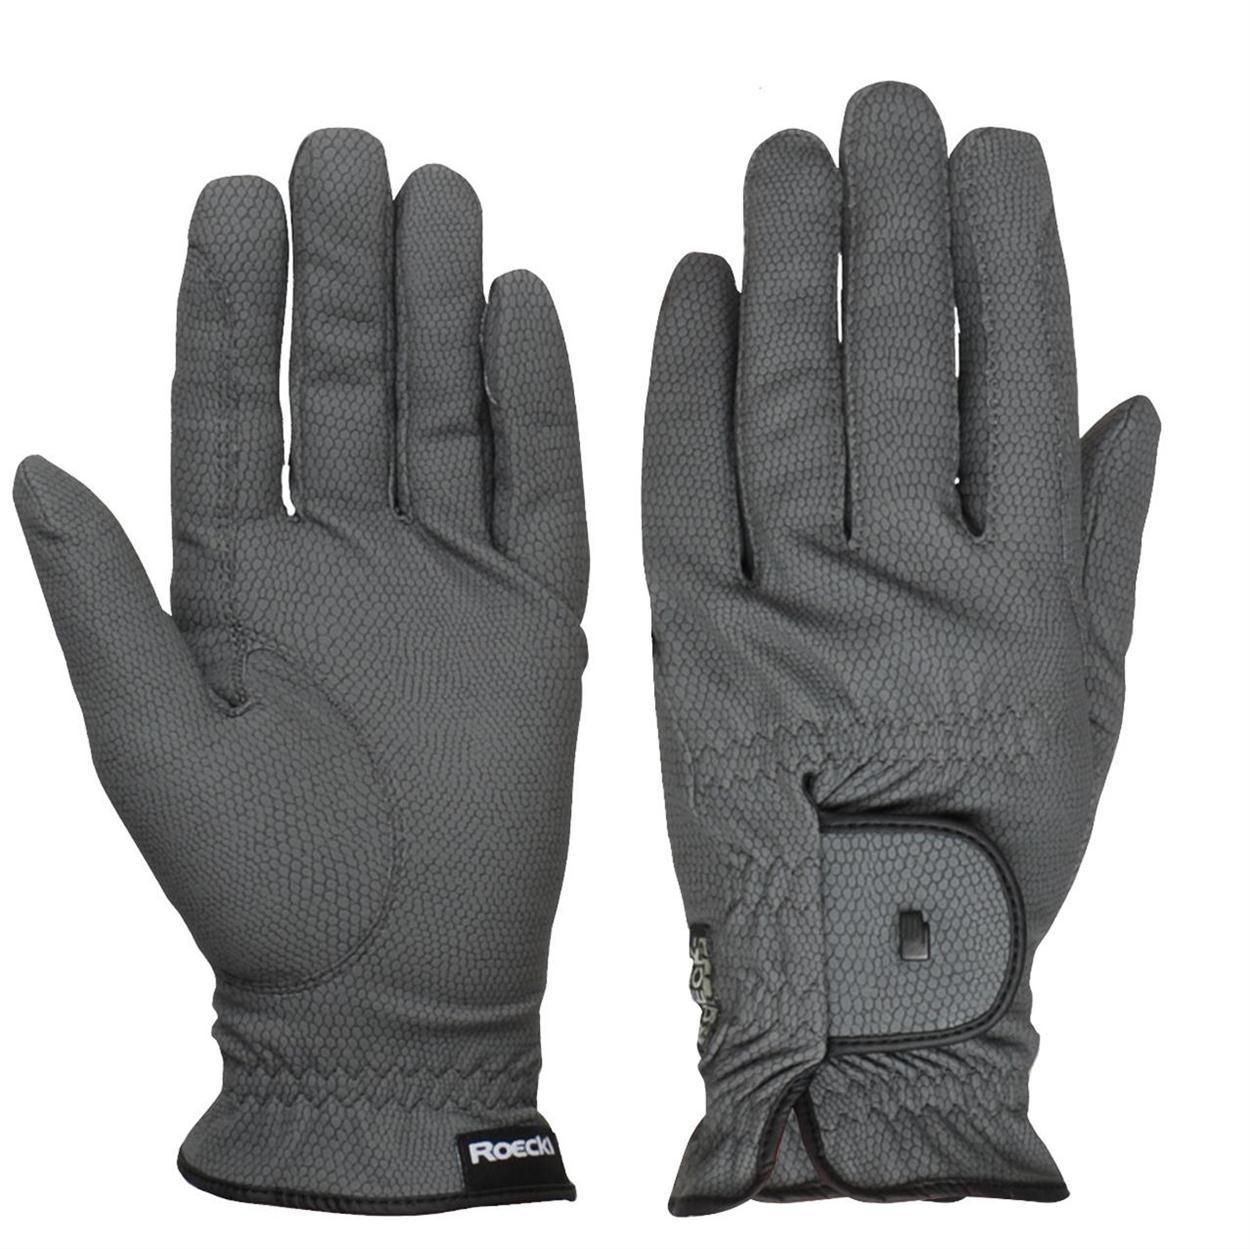 Roeckl Roeck grip Handschoen grijs maat:9